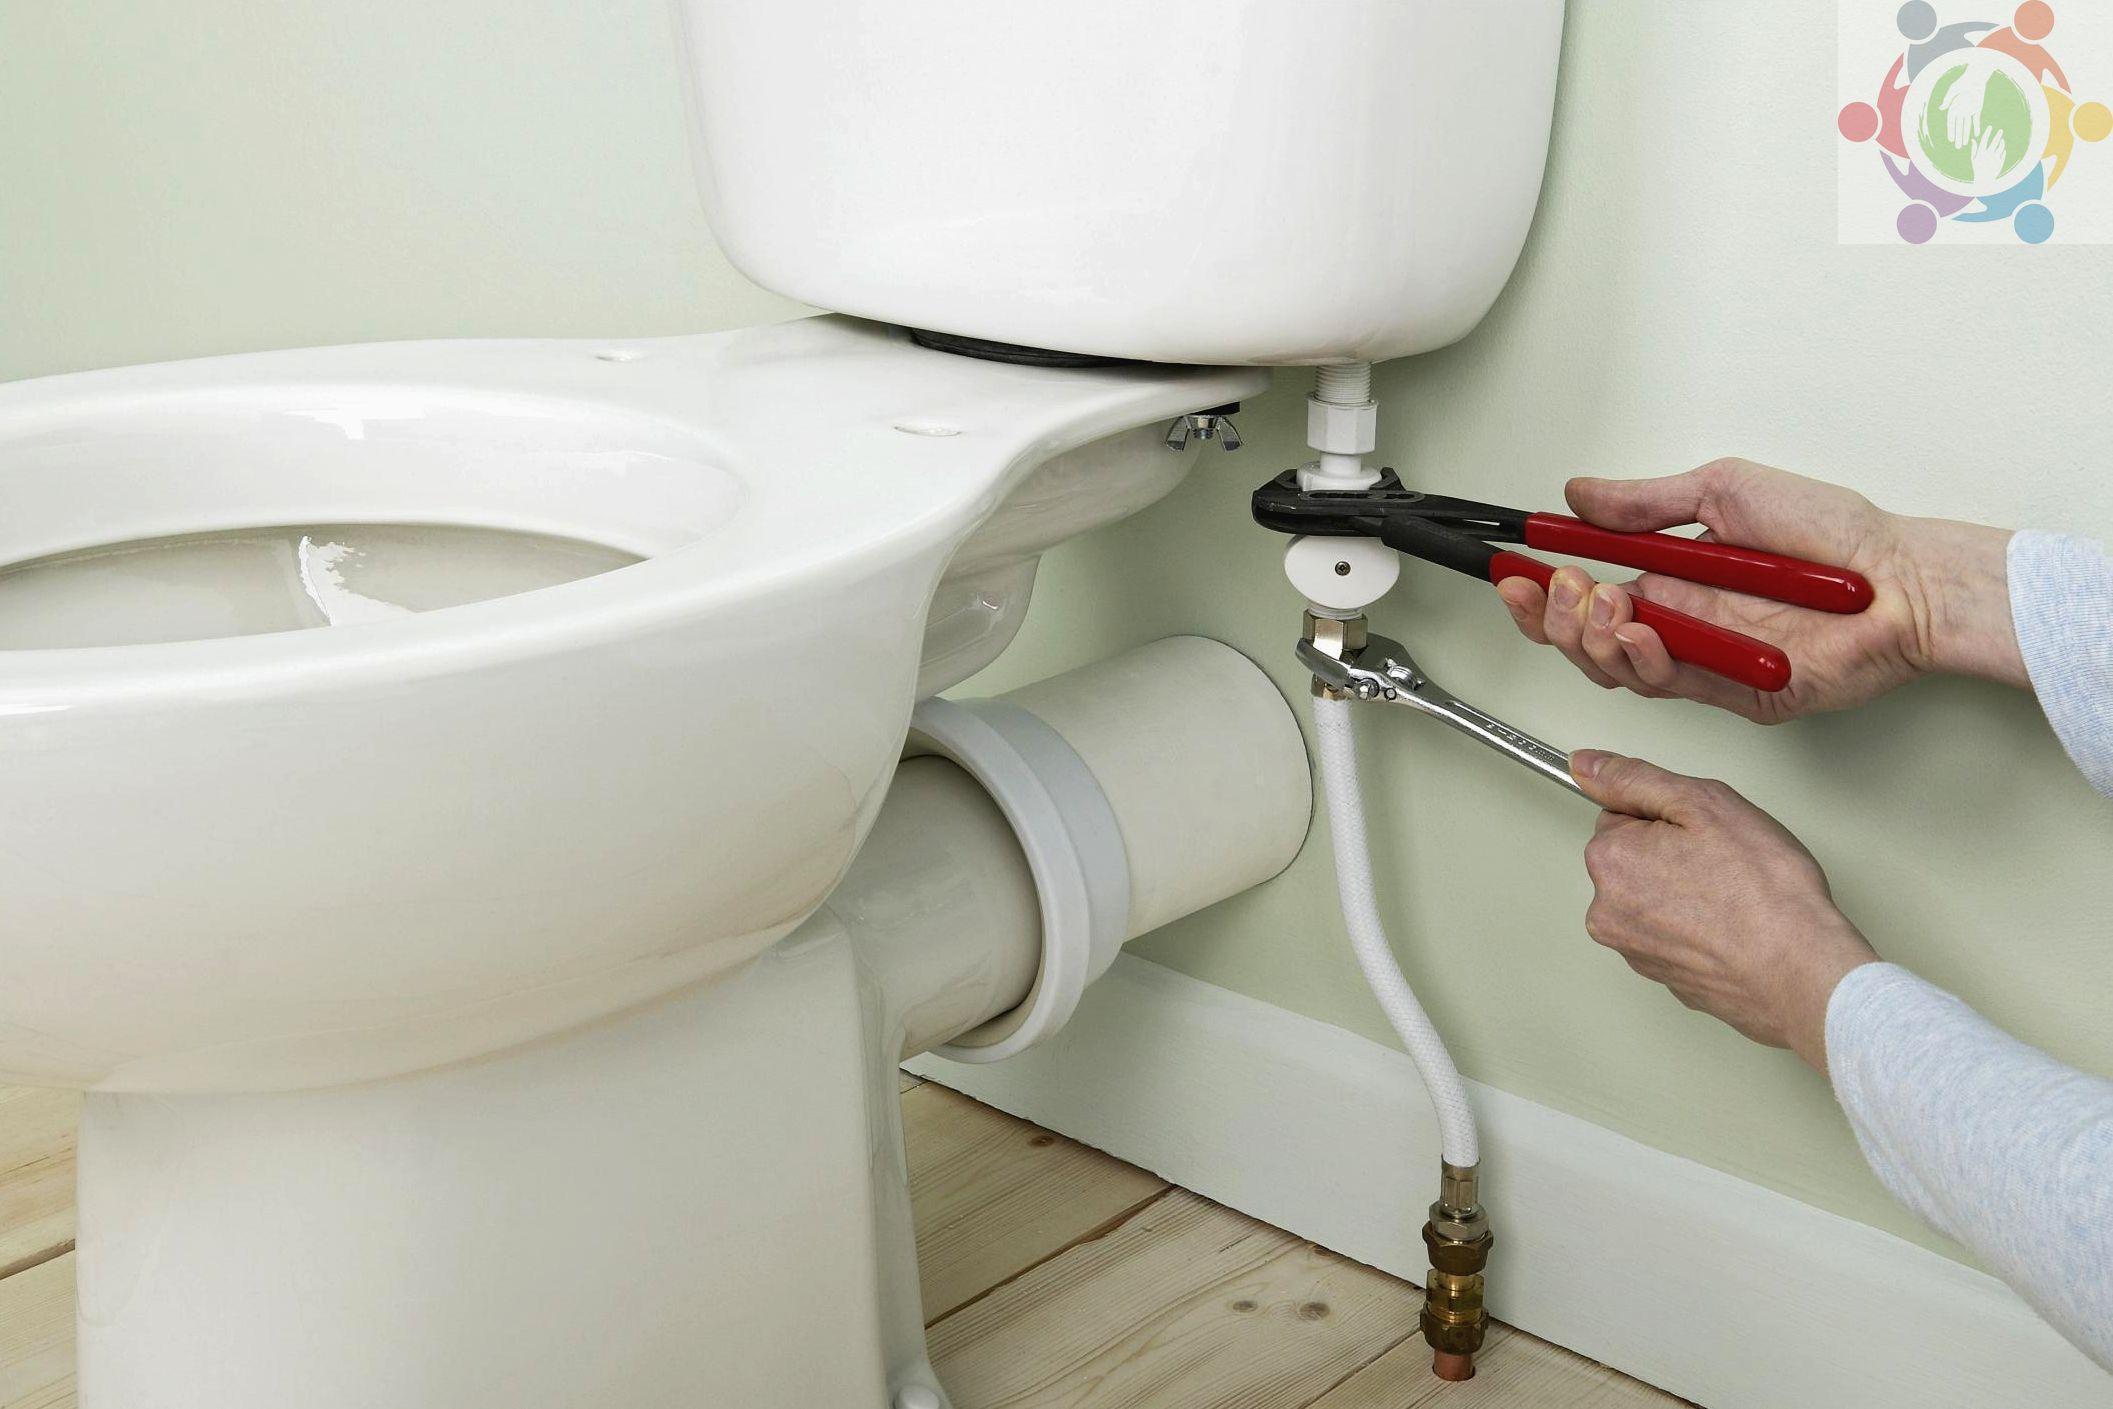 Как установить крышку на унитаз: инструкция с фото